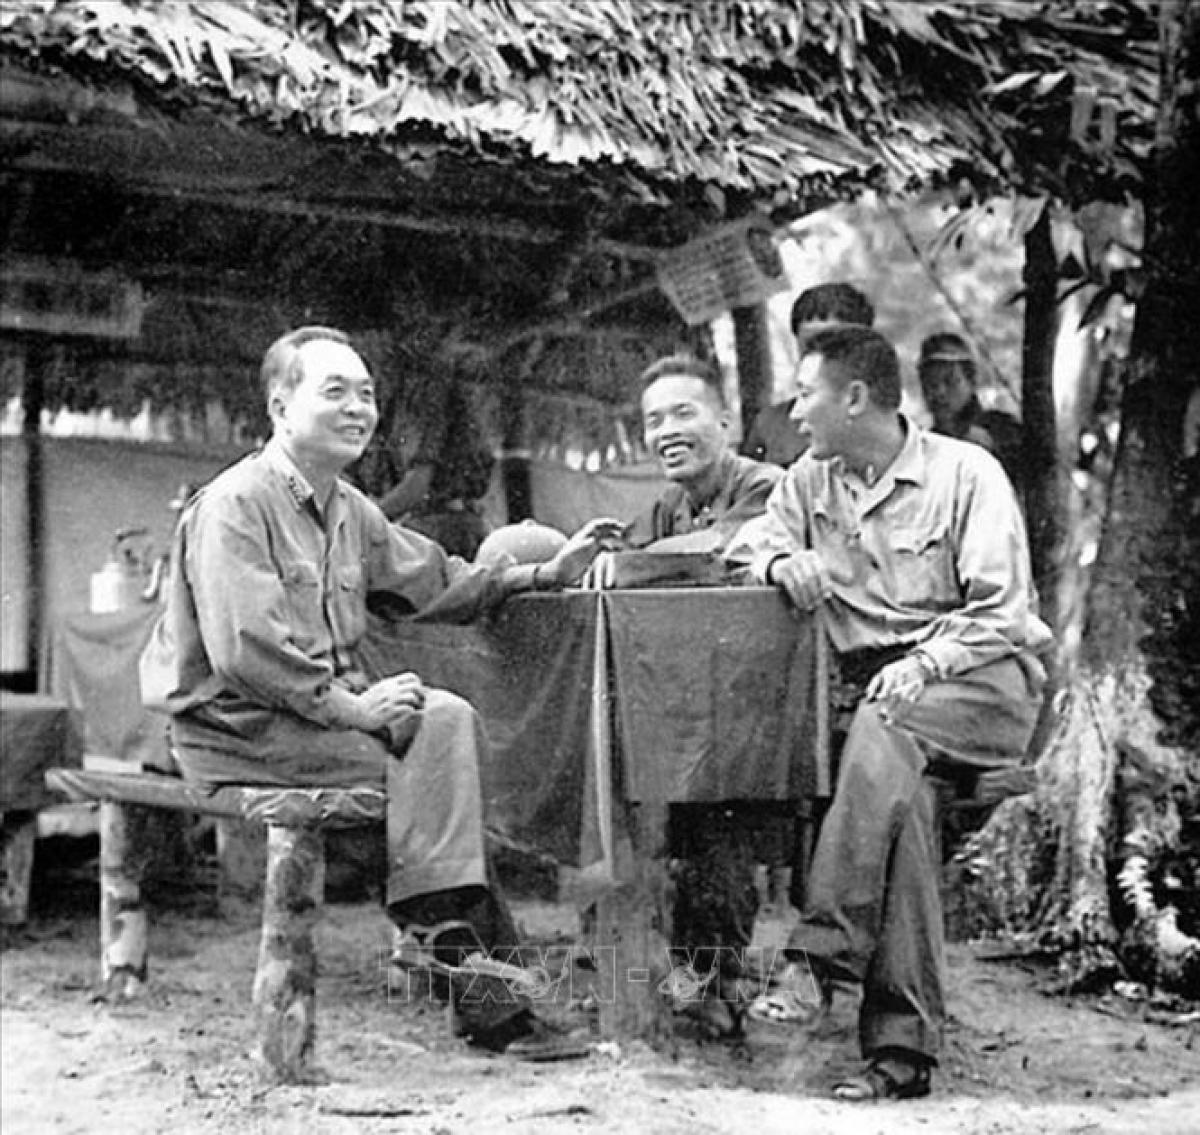 Trước khi bắt đầu chiến dịch Đường 9-Nam Lào, Đại tướng Võ Nguyên Giáp- Tổng Tư lệnh QĐND Việt Nam đã hai lần vào làm việc với Bộ Tư lệnh Trường Sơn. Ảnh: TTXVN.